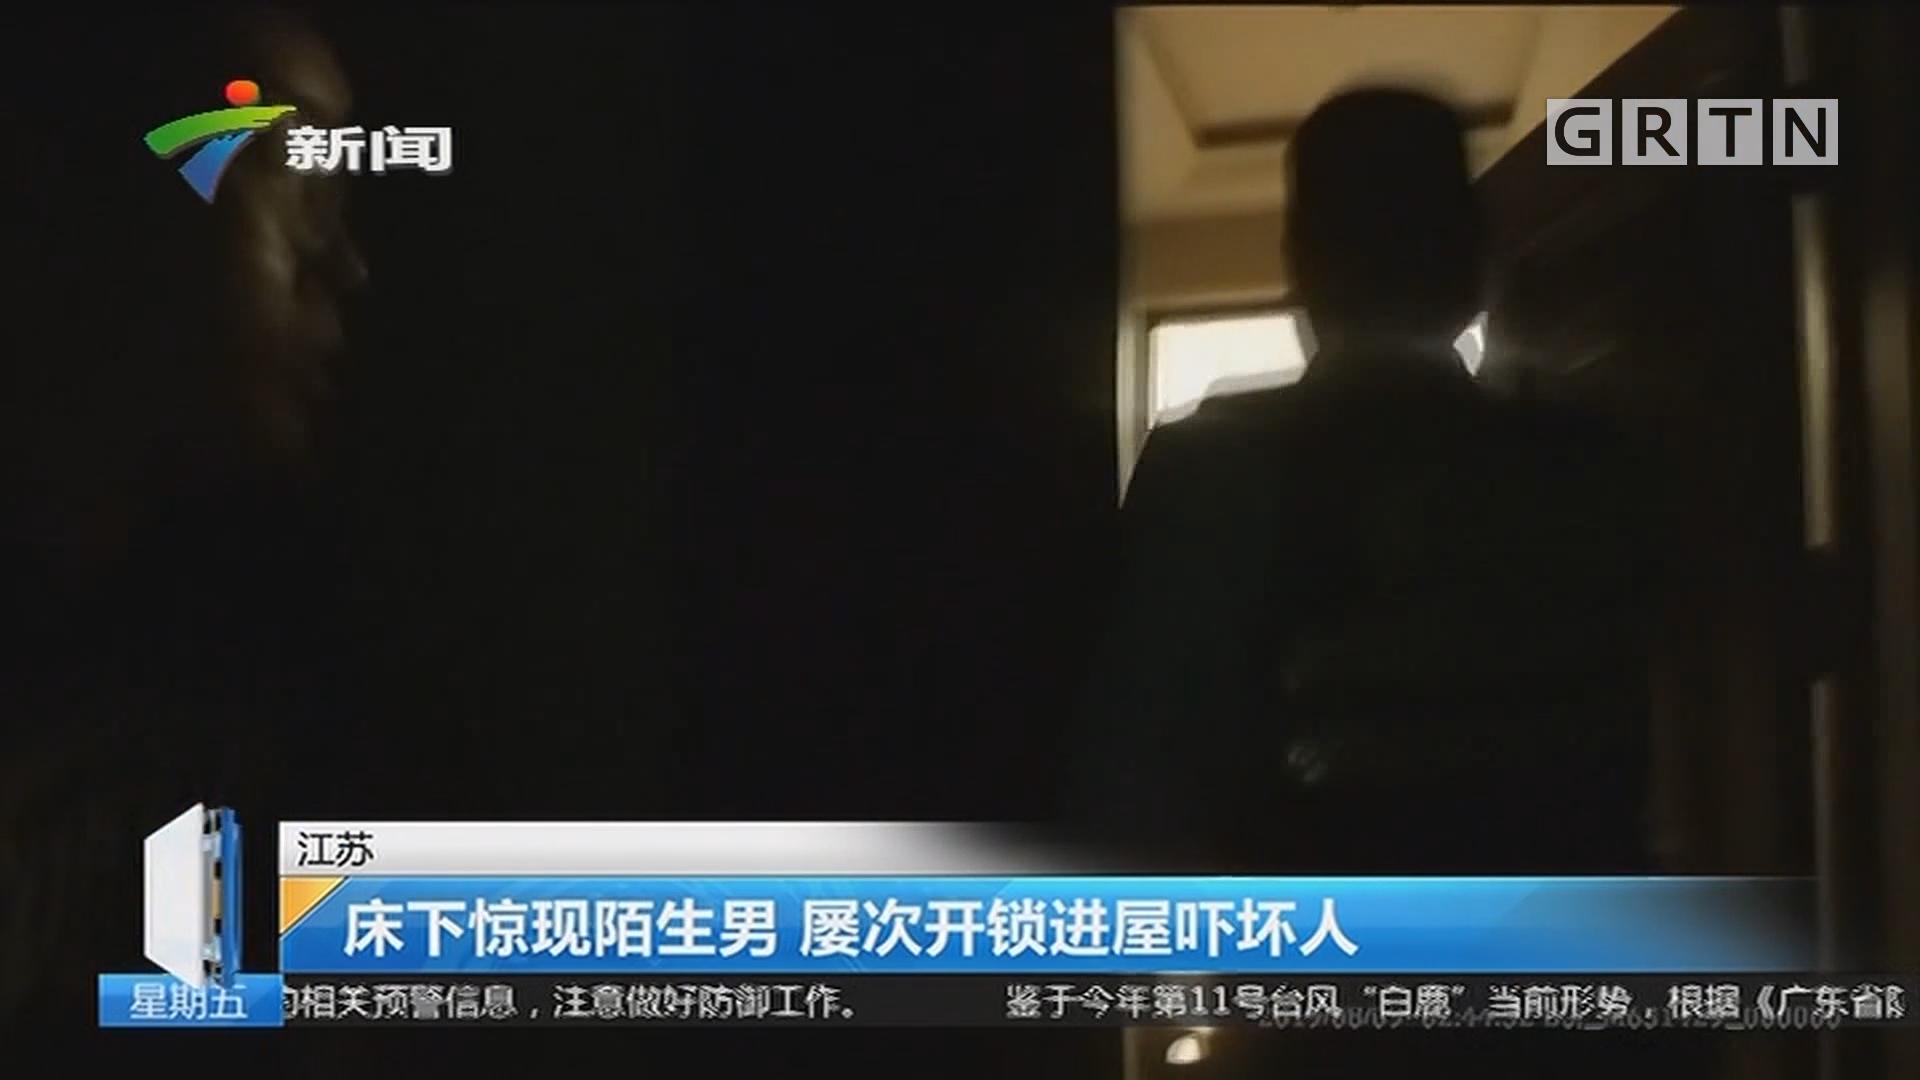 江苏:床下惊现陌生男 屡次开锁进屋吓坏人